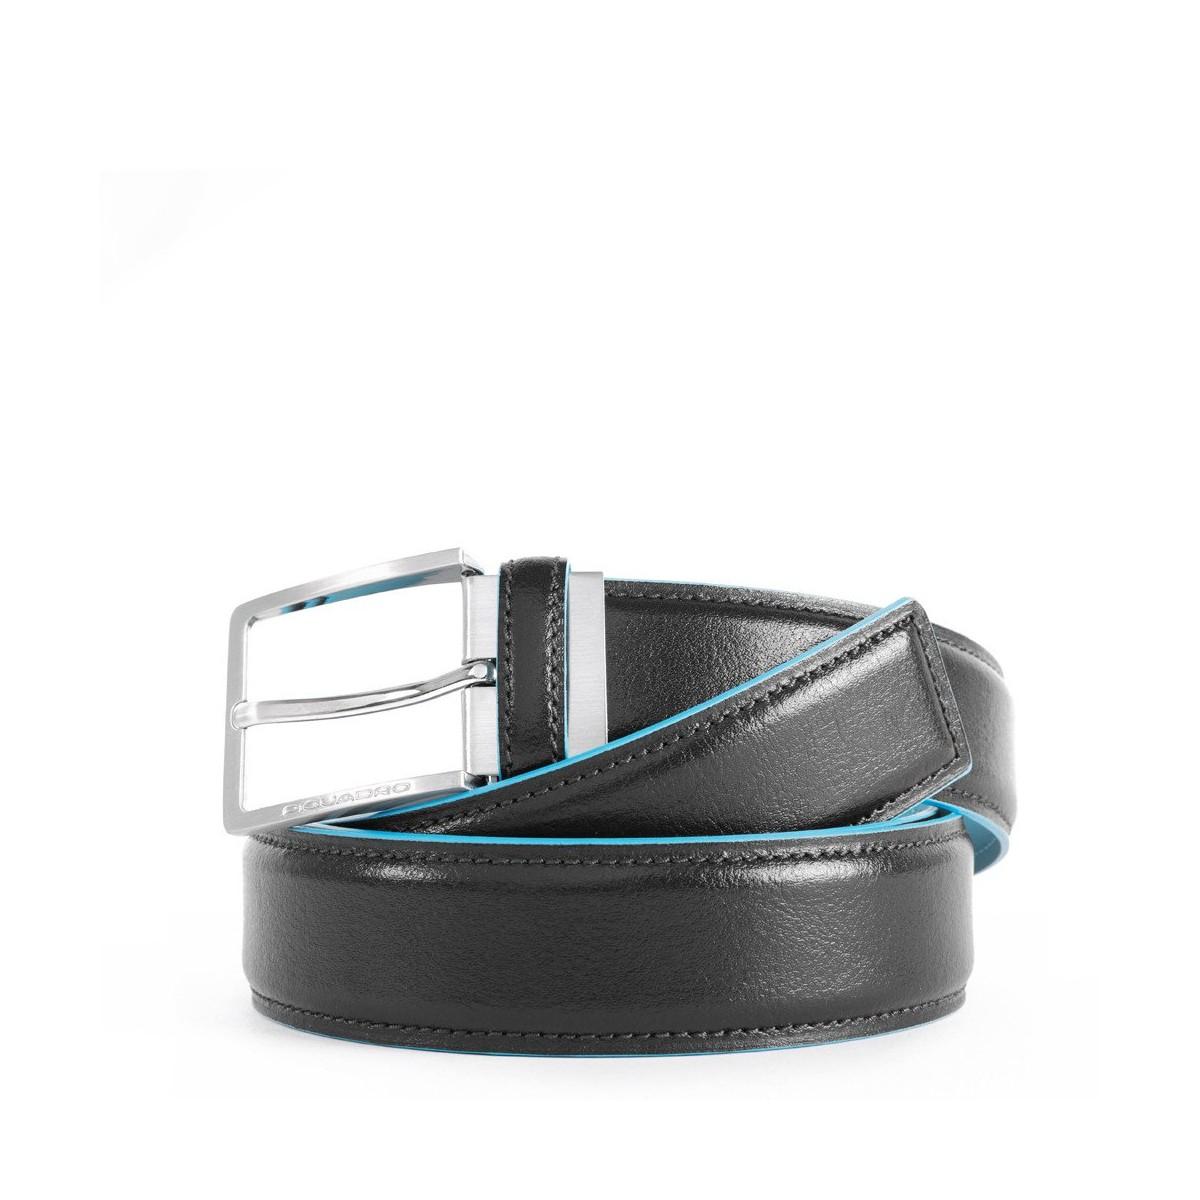 PIQUADRO Blue Square cintura uomo, pelle nero